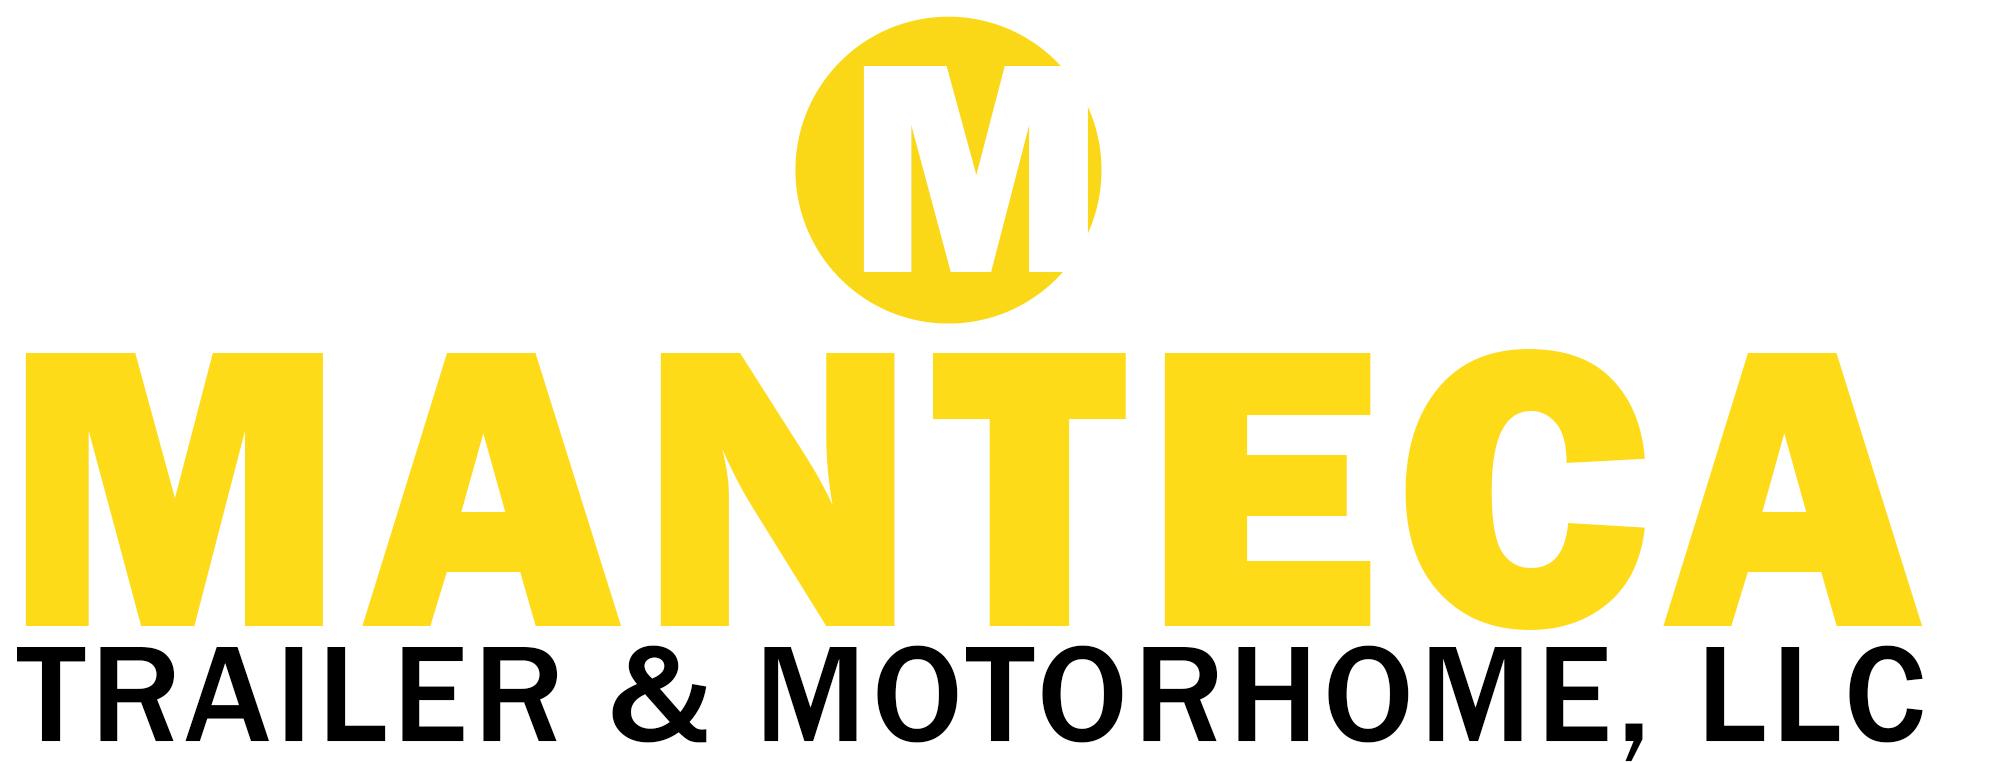 logo w M (circle)